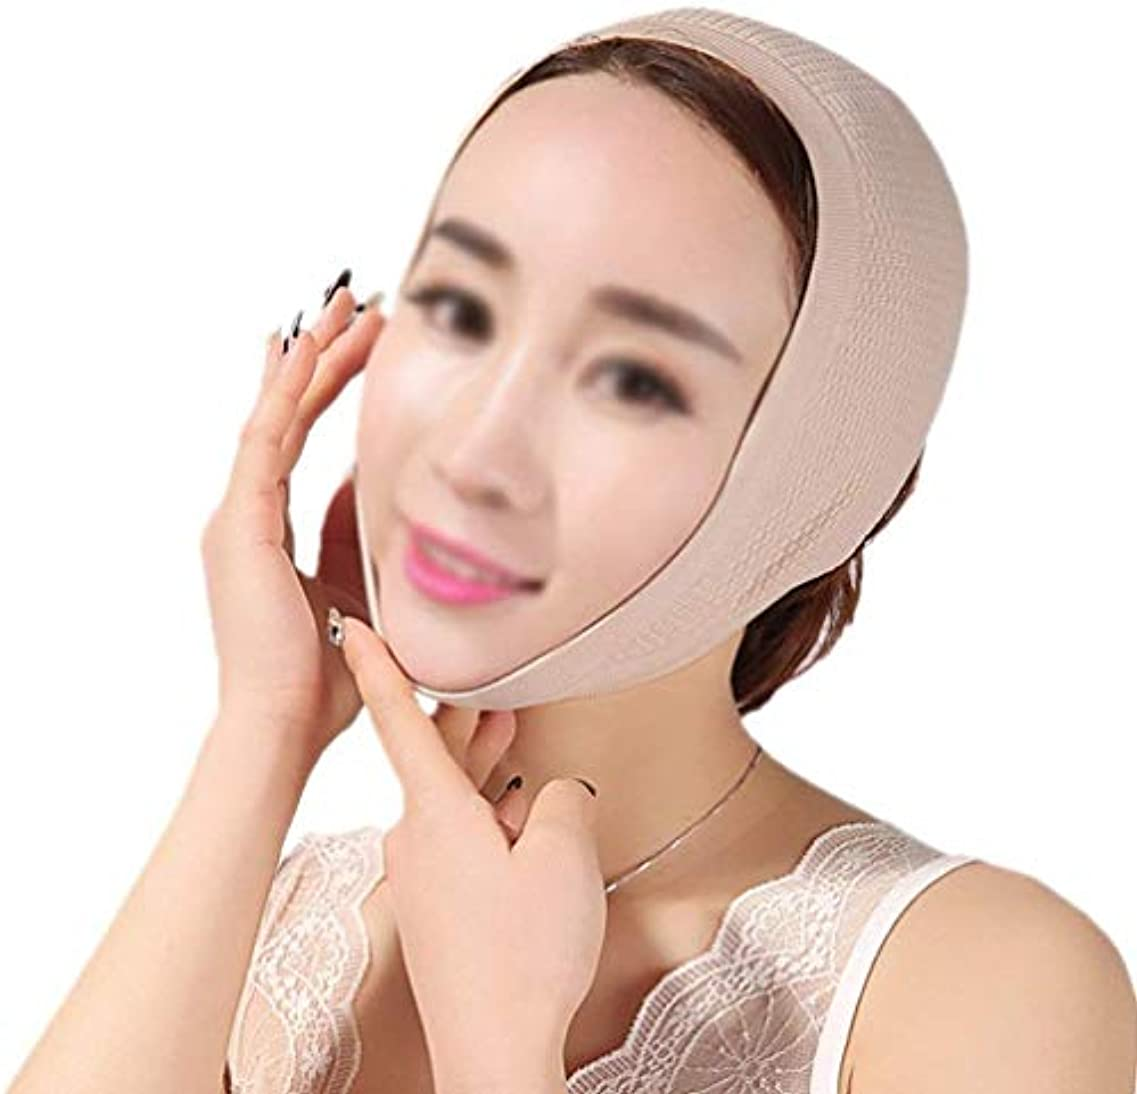 シロクマ盆地分泌するHUYYA 女性の顔を持ち上げるベルト、Vライン頬 しわ防止包帯 二重あごの減量顔,Flesh_Medium